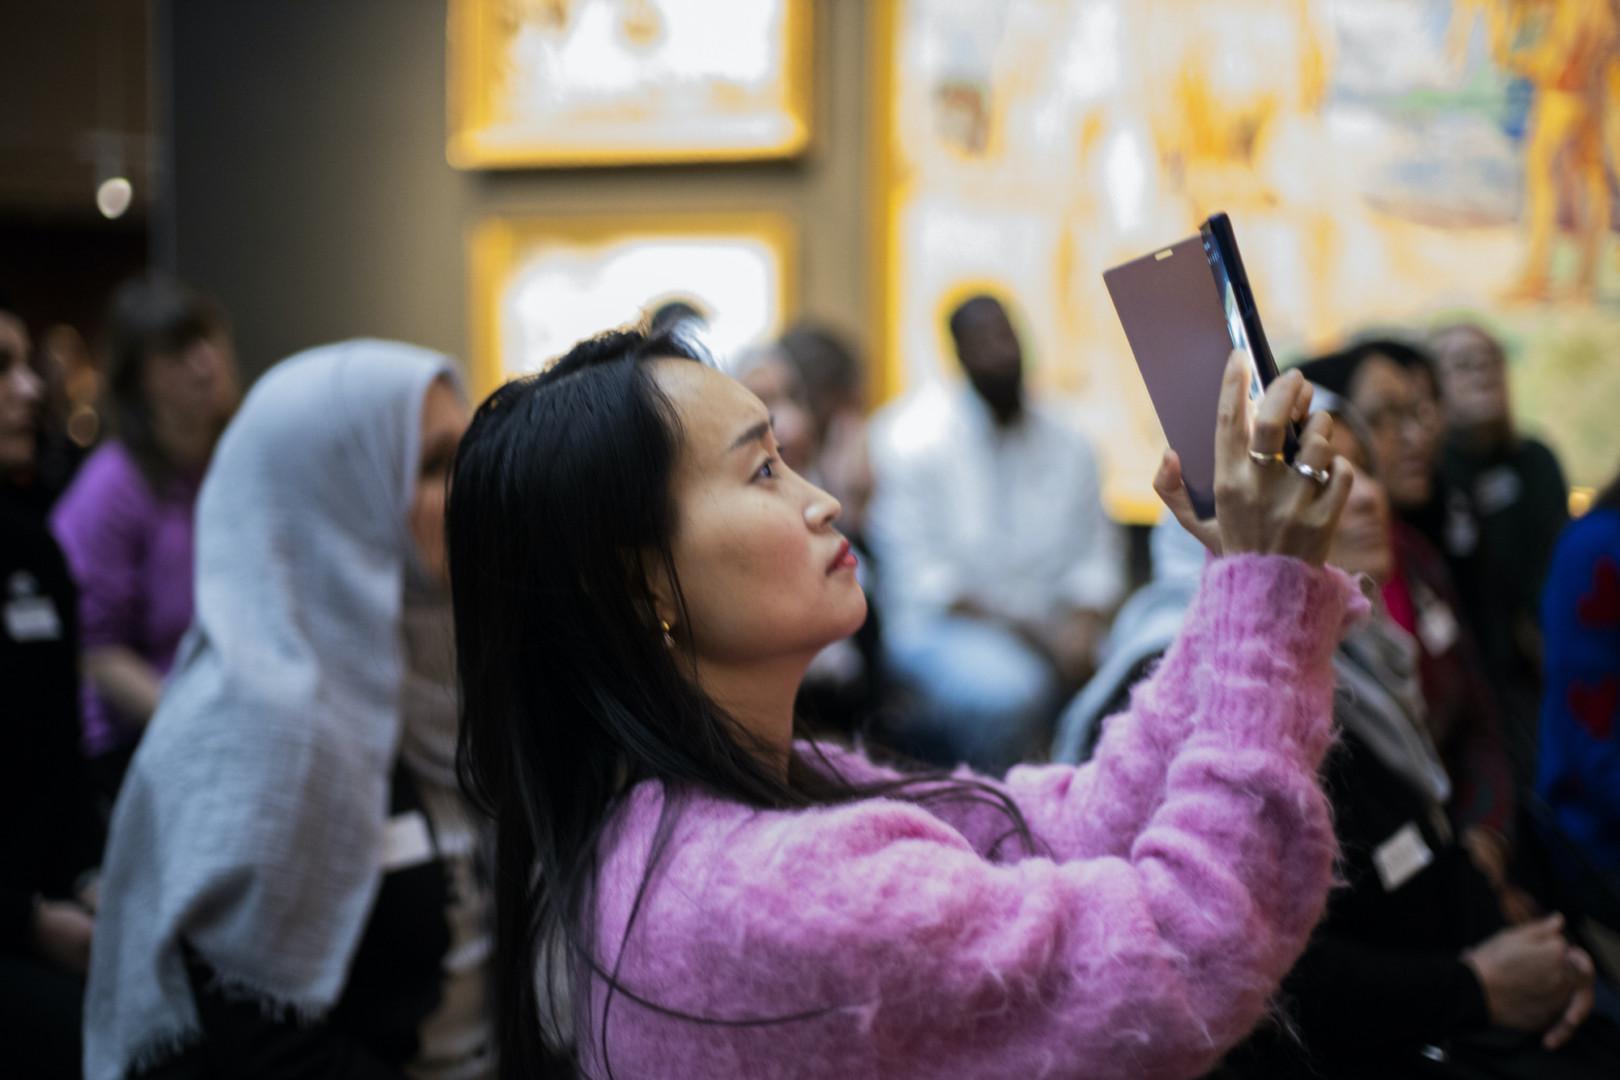 Museovieras ottaa valokuvaa puhelimellaan.